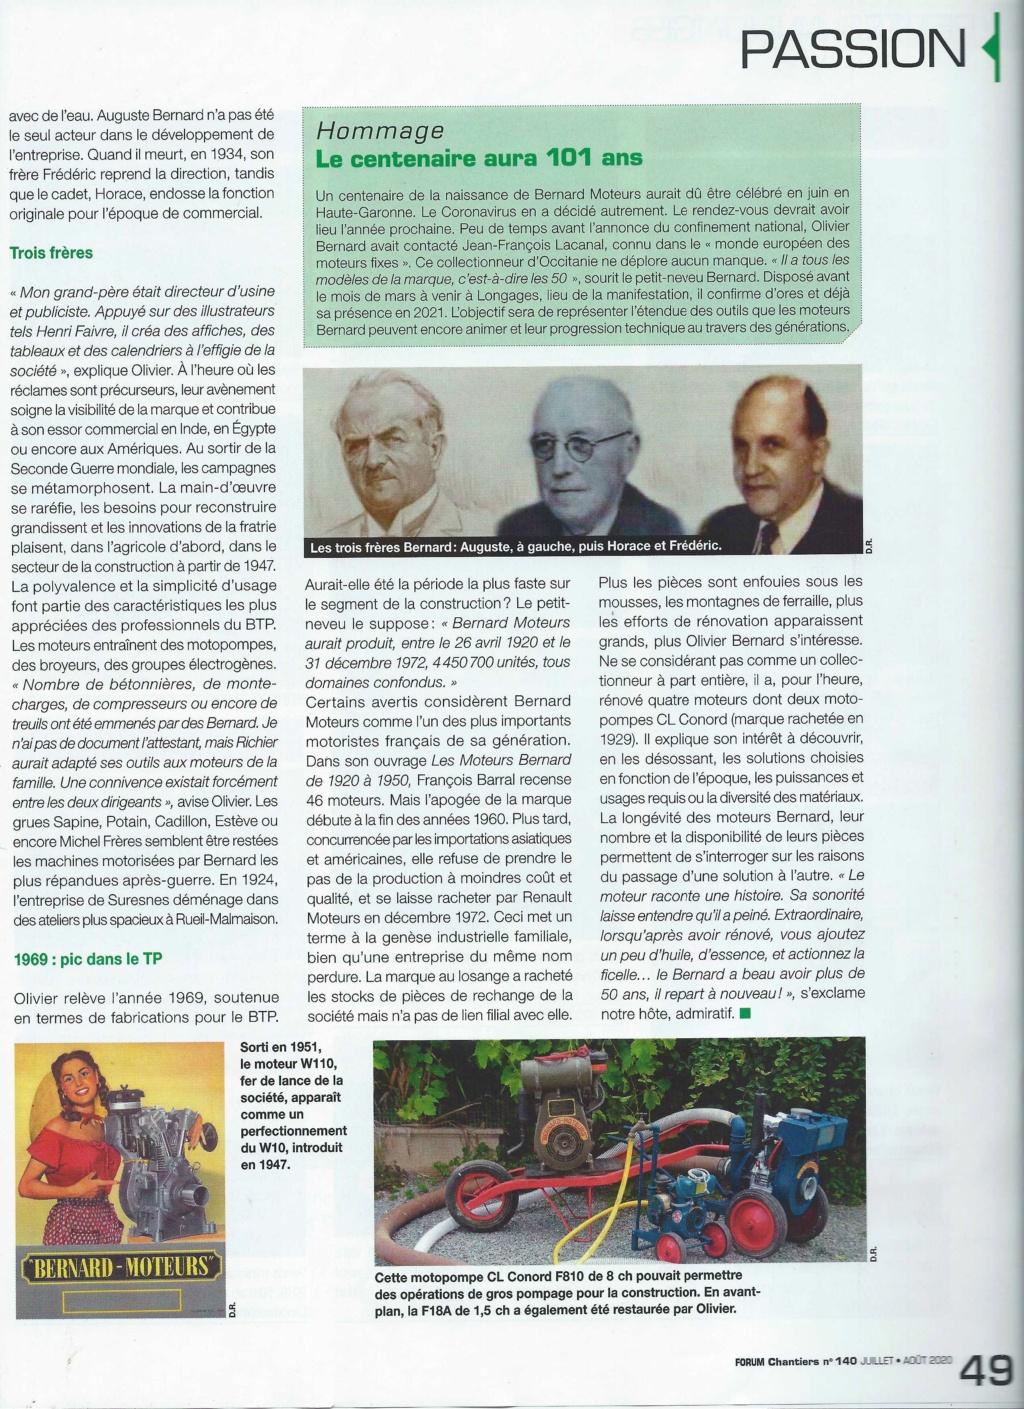 Recensement moteurs BERNARD - Page 6 Forum_15